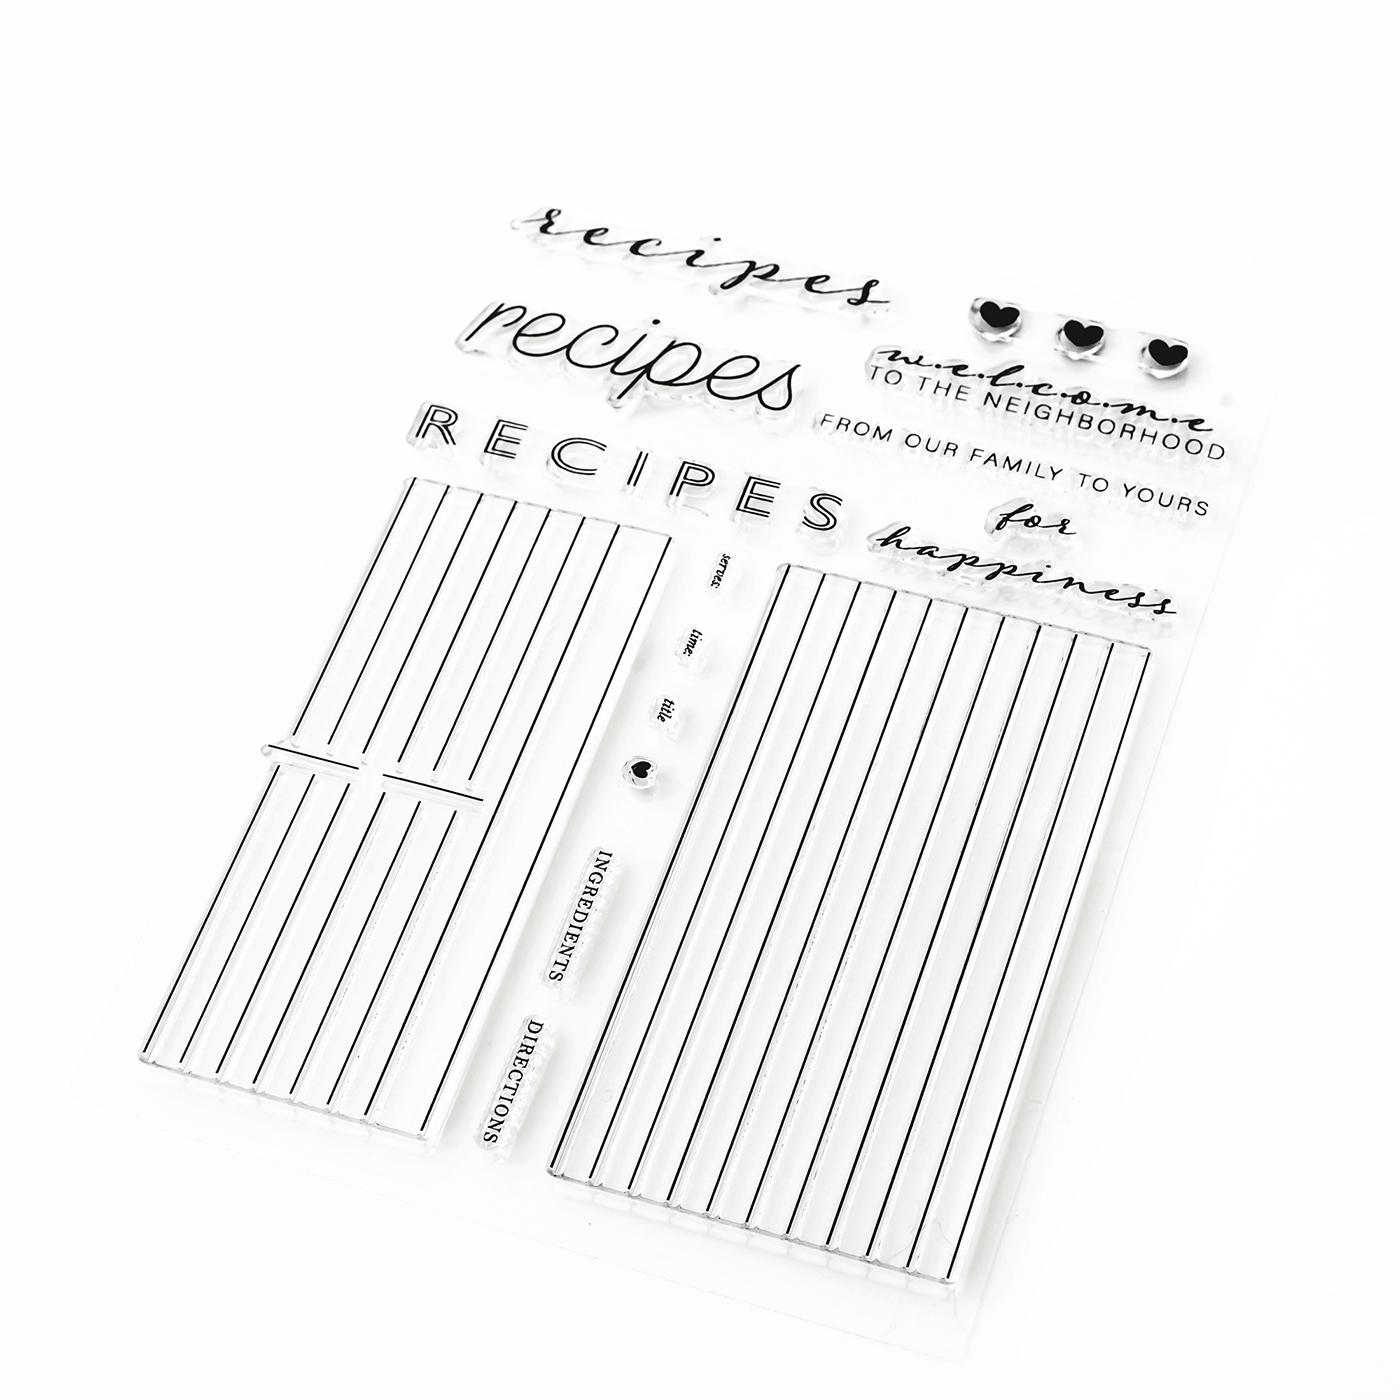 Pigment Recipe Card Builder Stamp